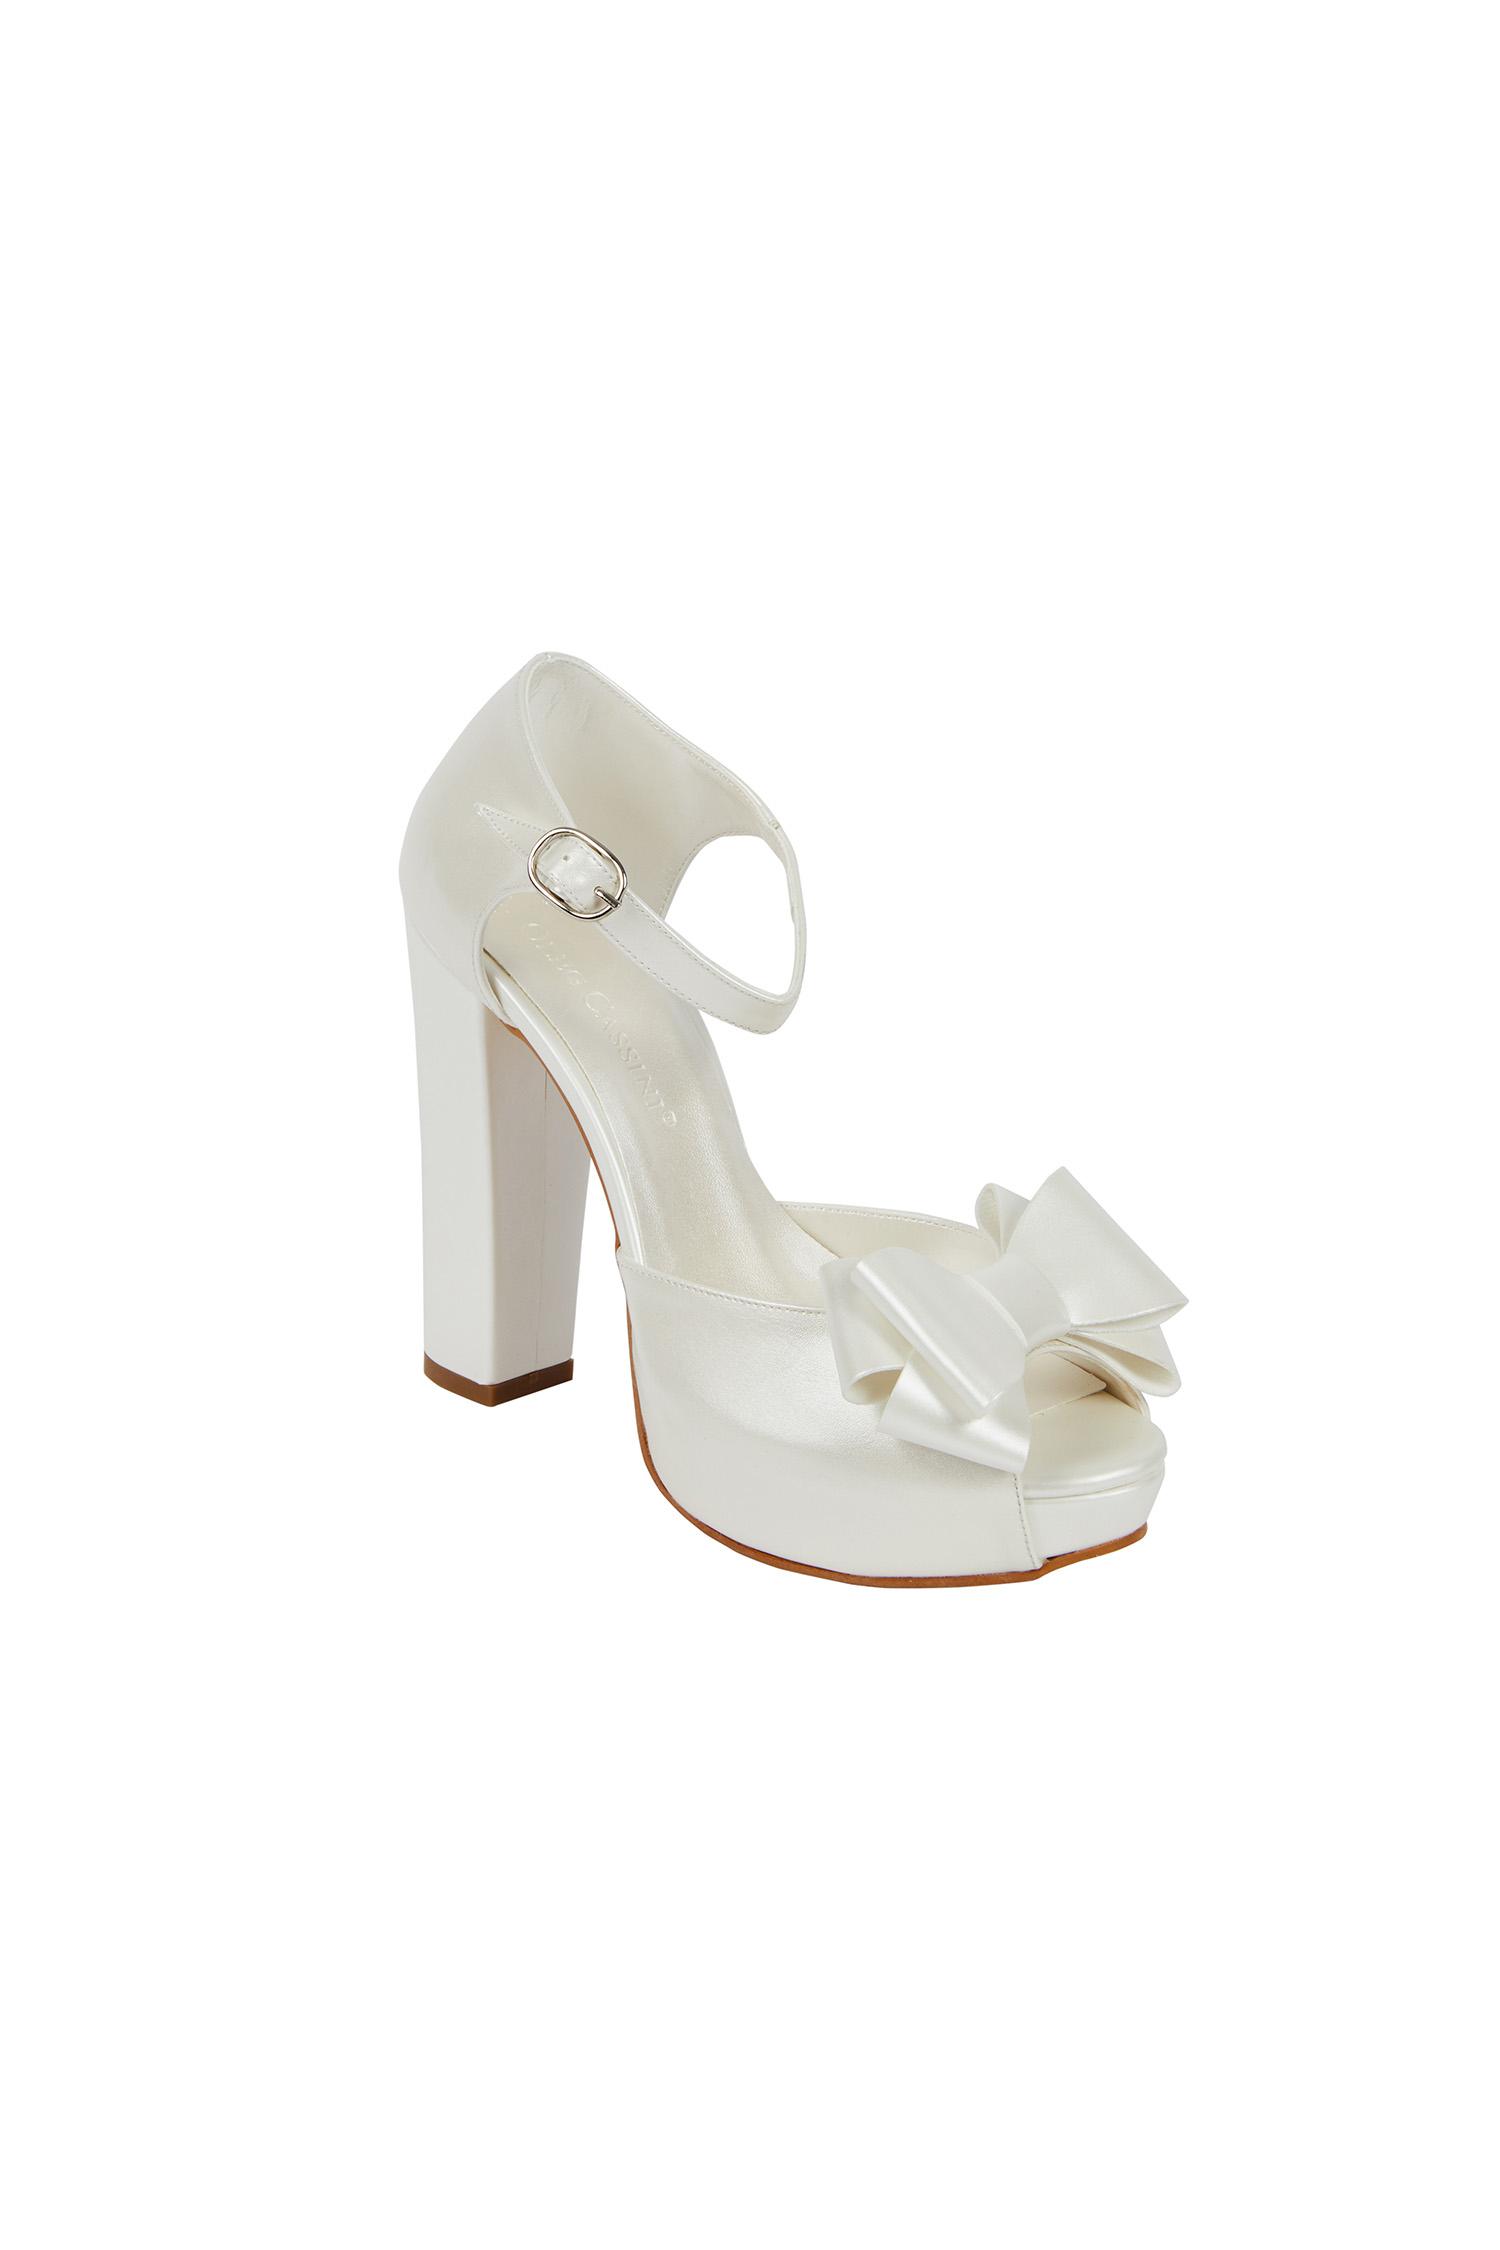 Kırık Beyaz Yüksek Topuklu Gelin Ayakkabısı